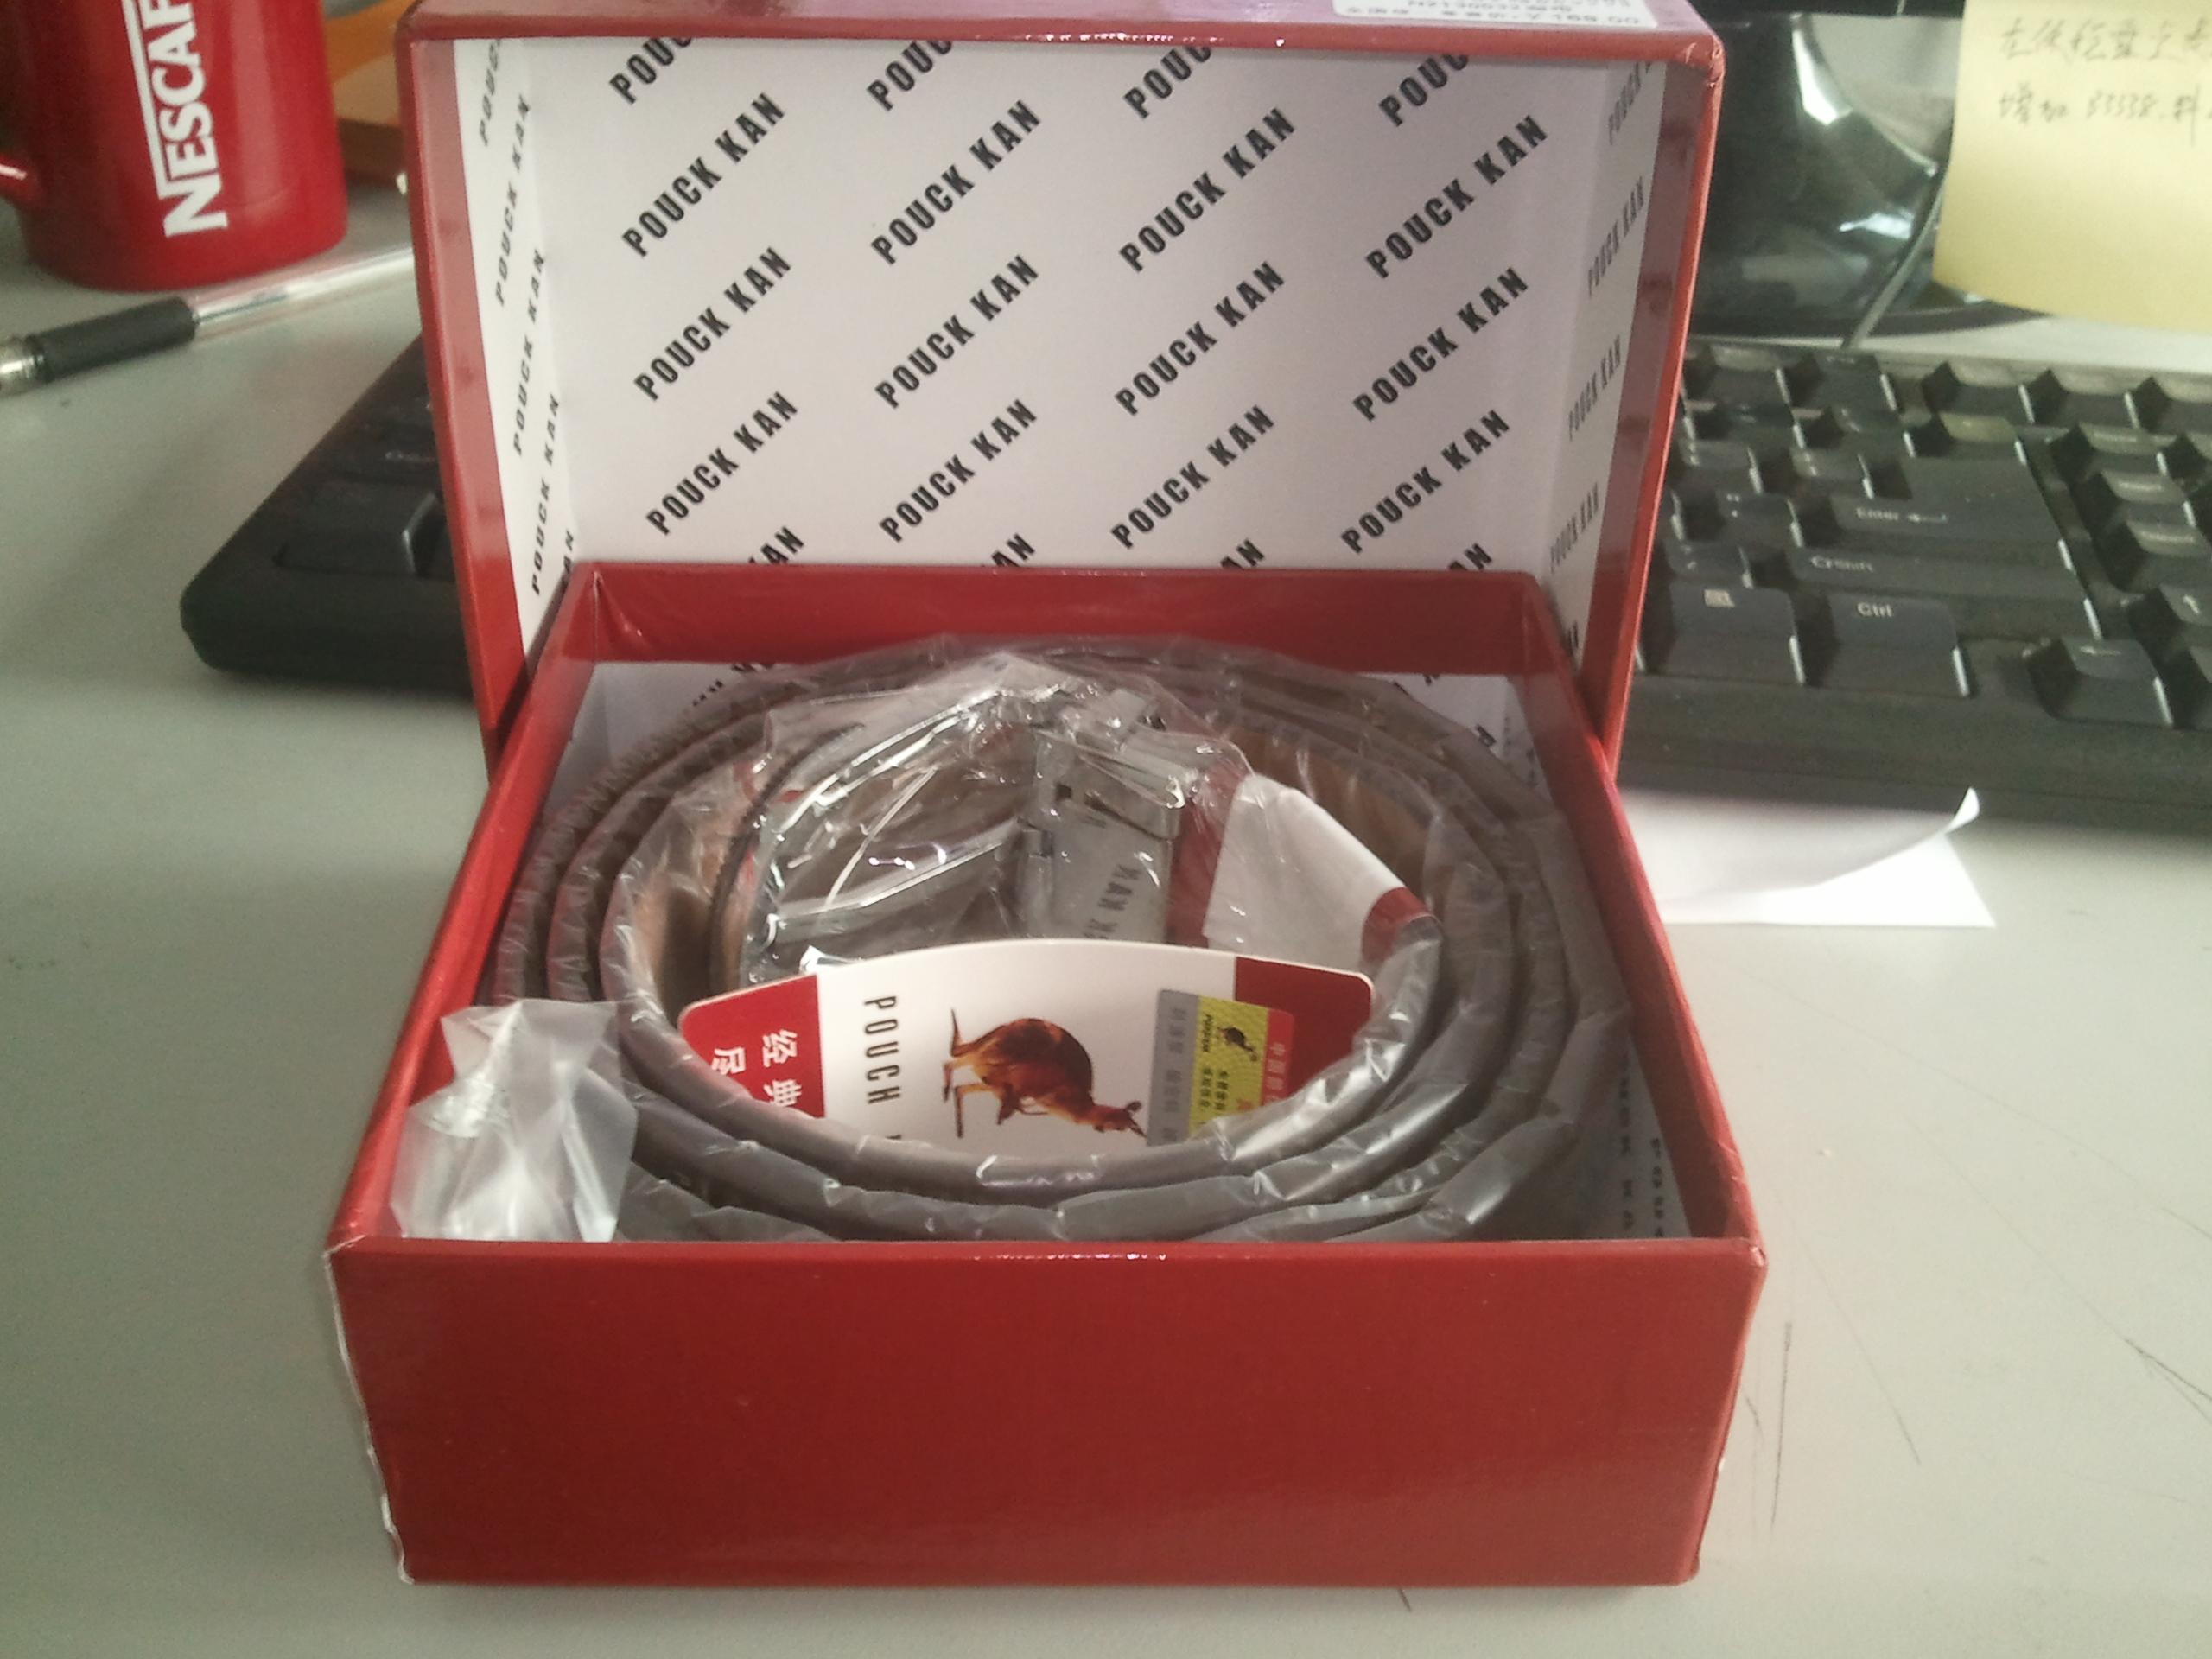 buy online headphones 00267384 forsale